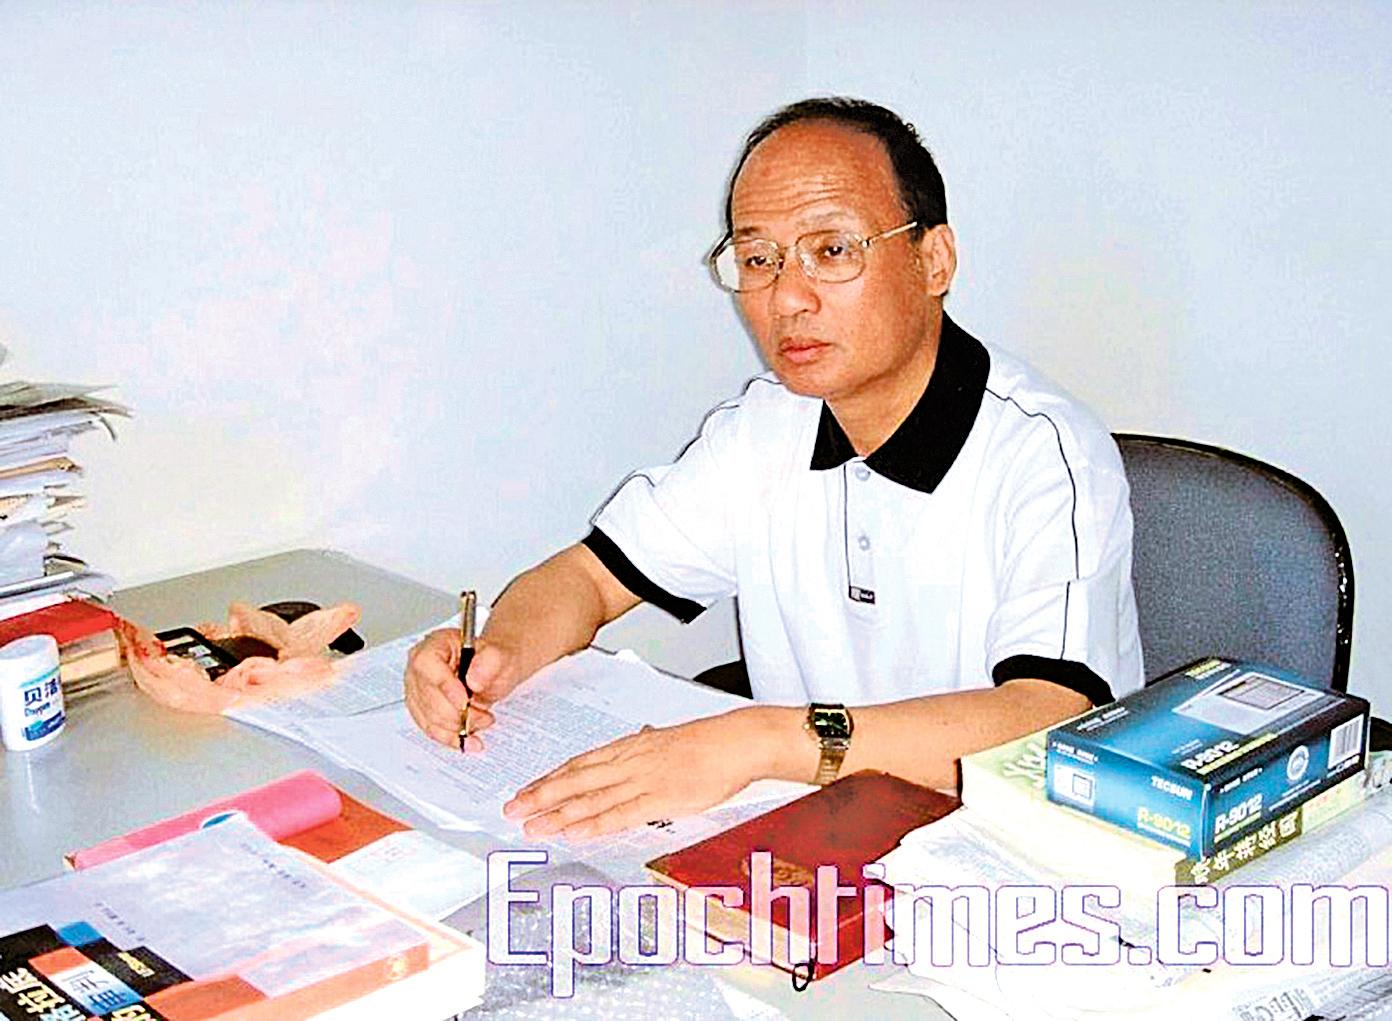 上海著名人權律師鄭恩寵。(大紀元資料室)